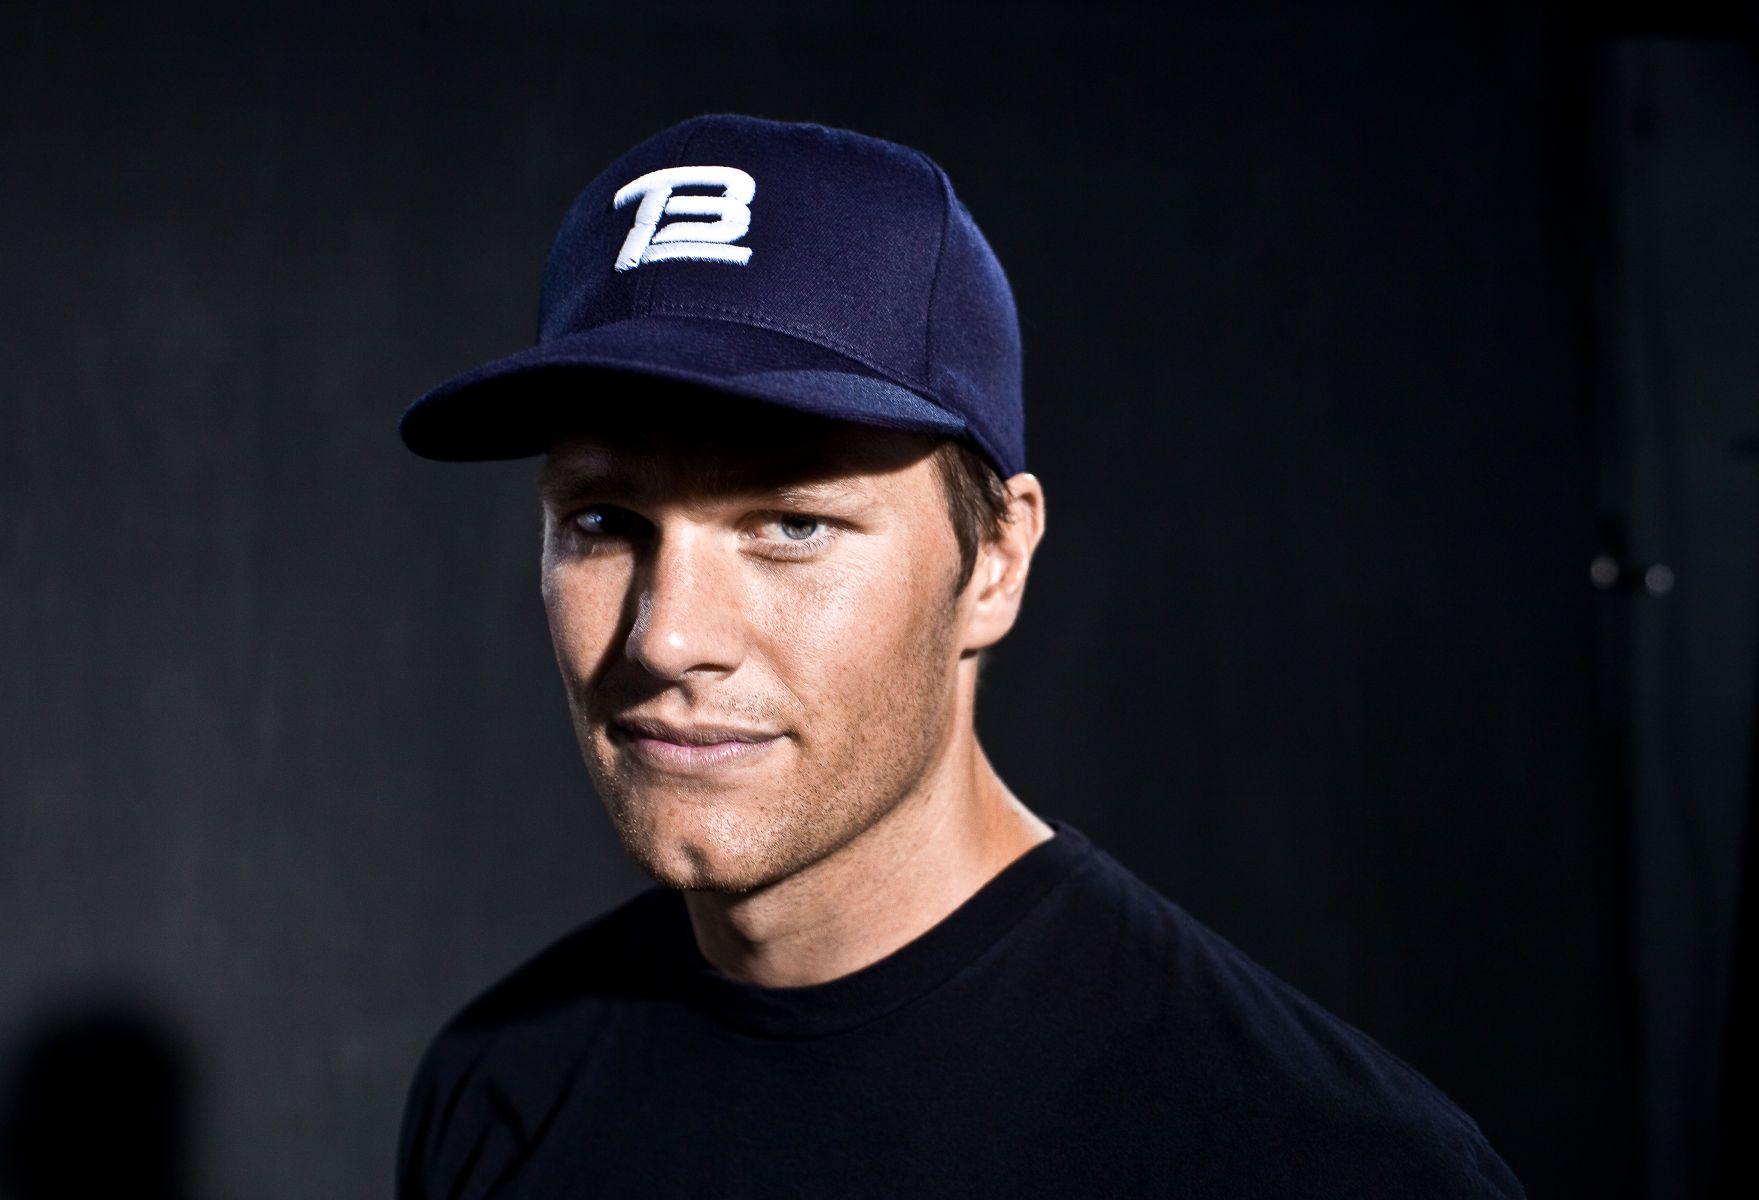 Tom Brady, quarterback for the New England Patriots